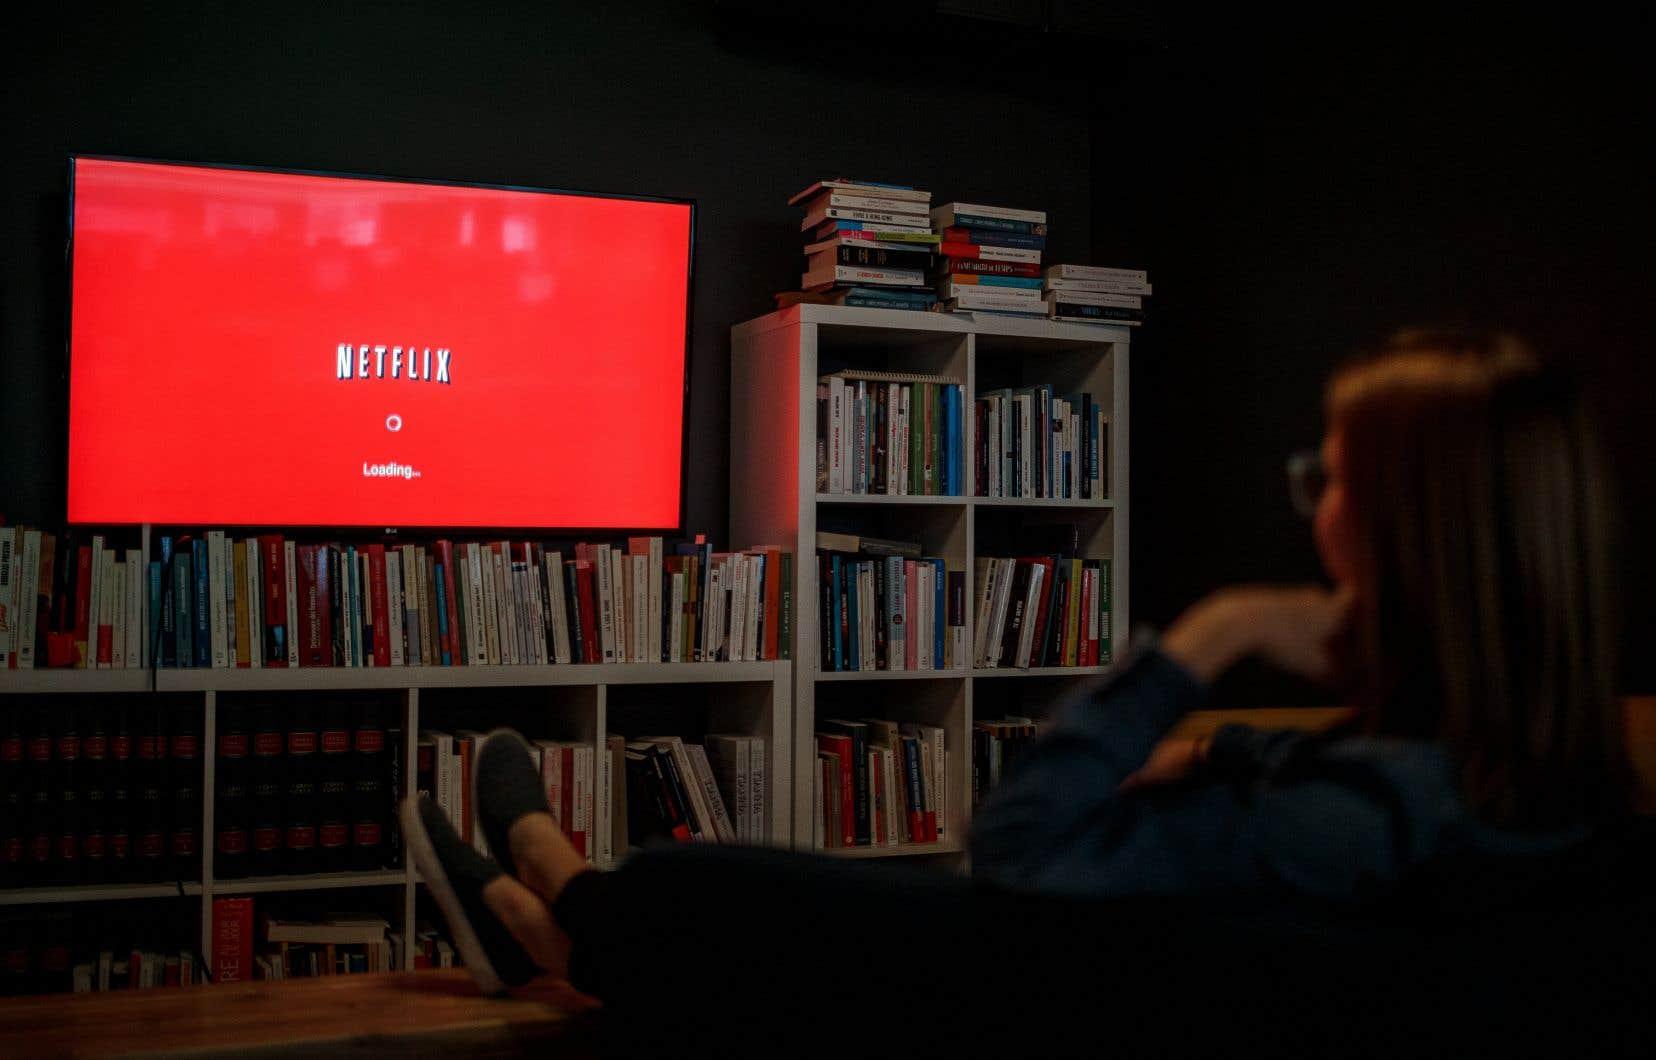 Selon les experts, les plateformes de diffusion comme Netflix s'appuient sur une logique commerciale établie sur une consommation culturelle de masse et sur  des choix biaisés par des investissements en coproduction.